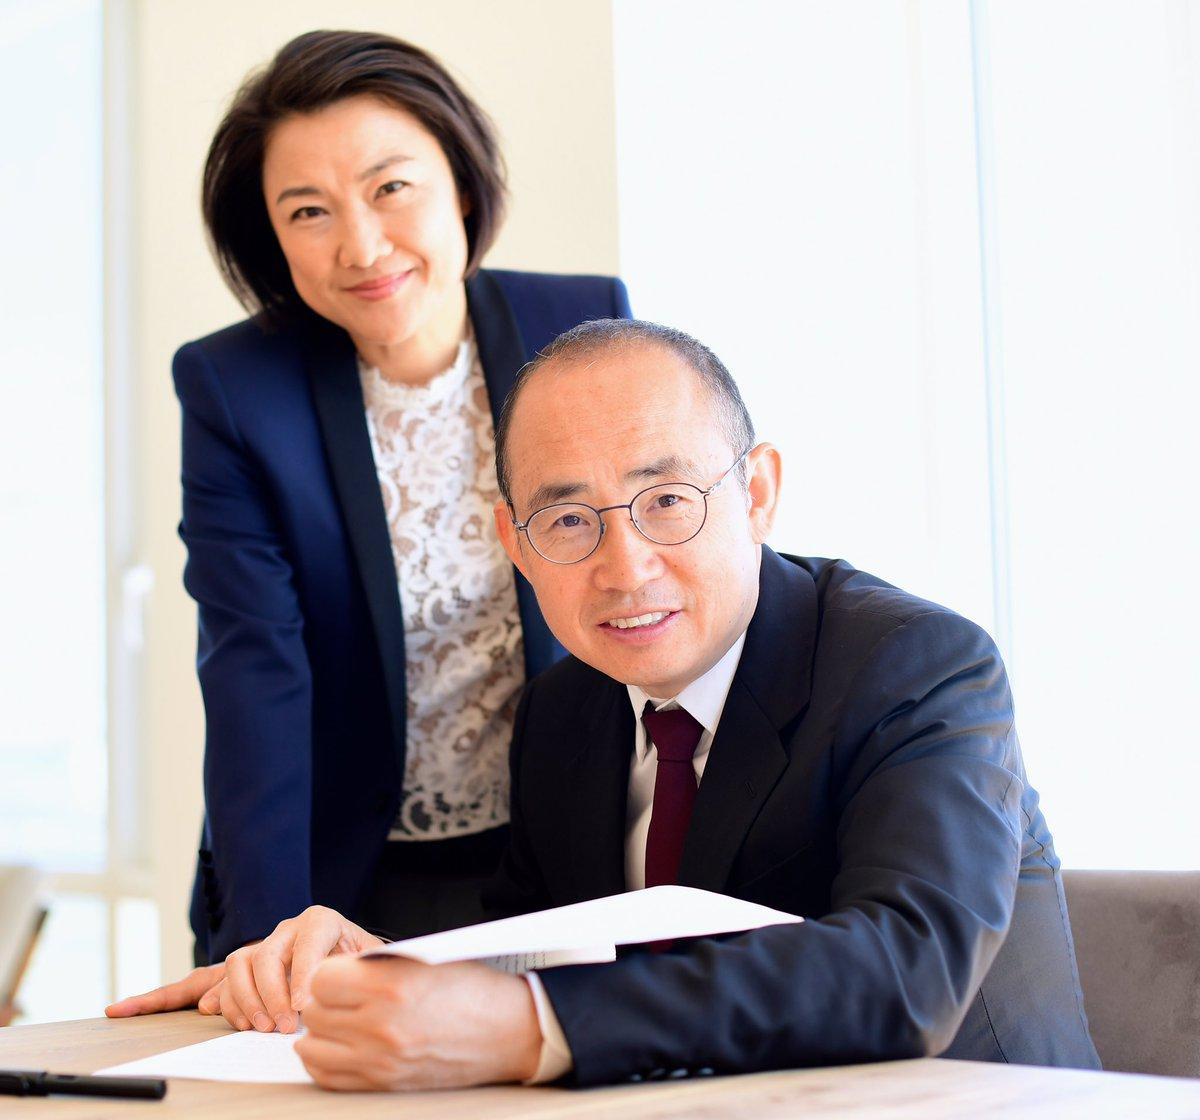 潘石屹 Pan Shiyi 起诉郭文贵诽谤